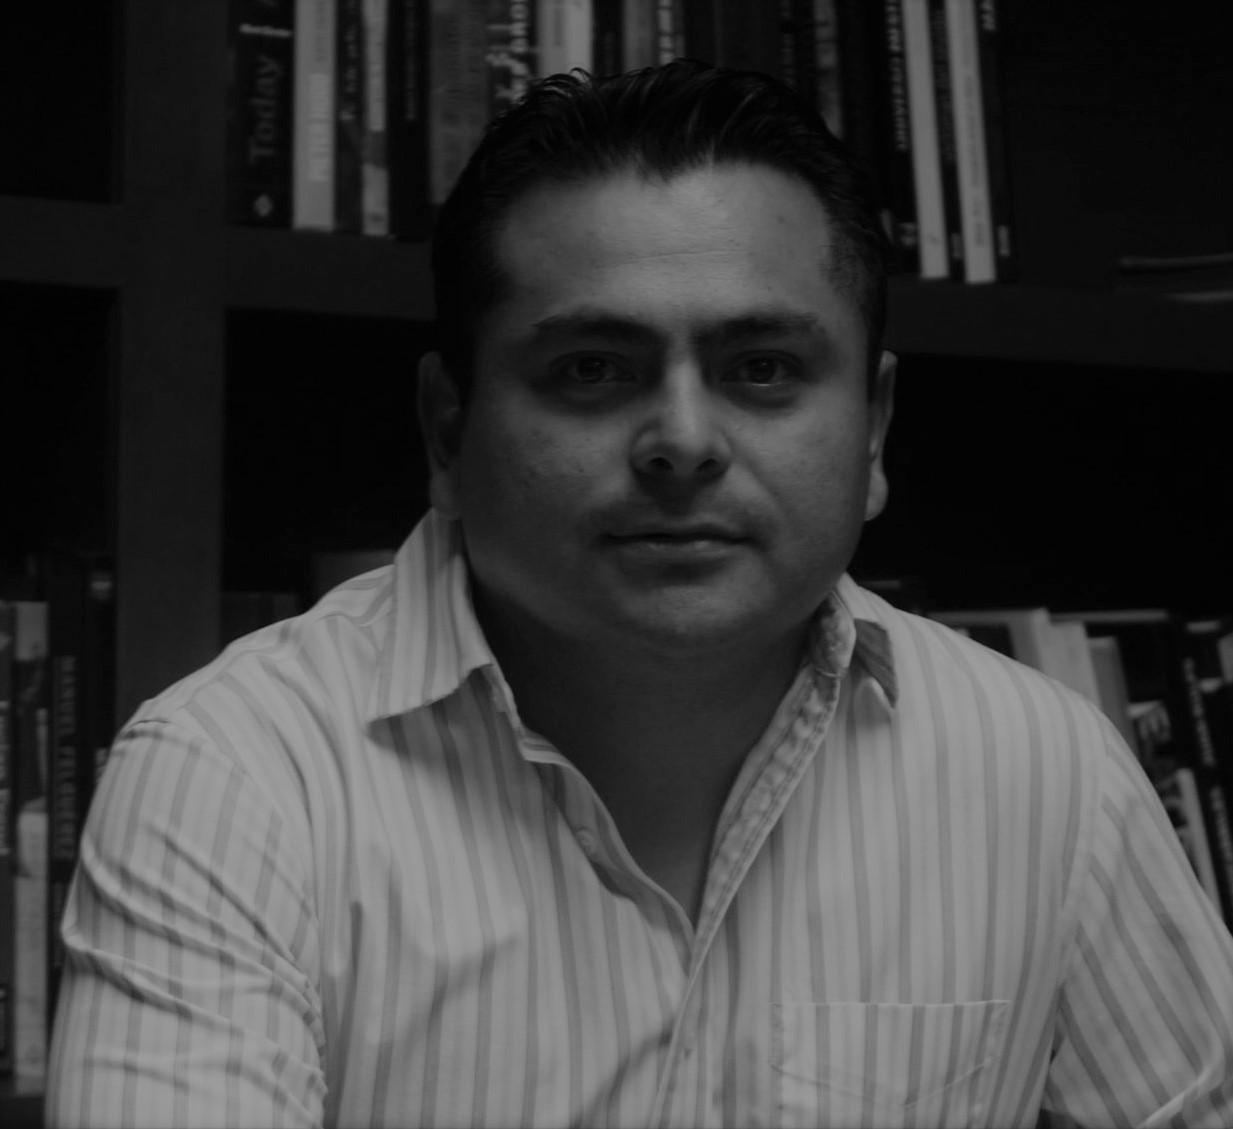 Alberto Arceo Escalante